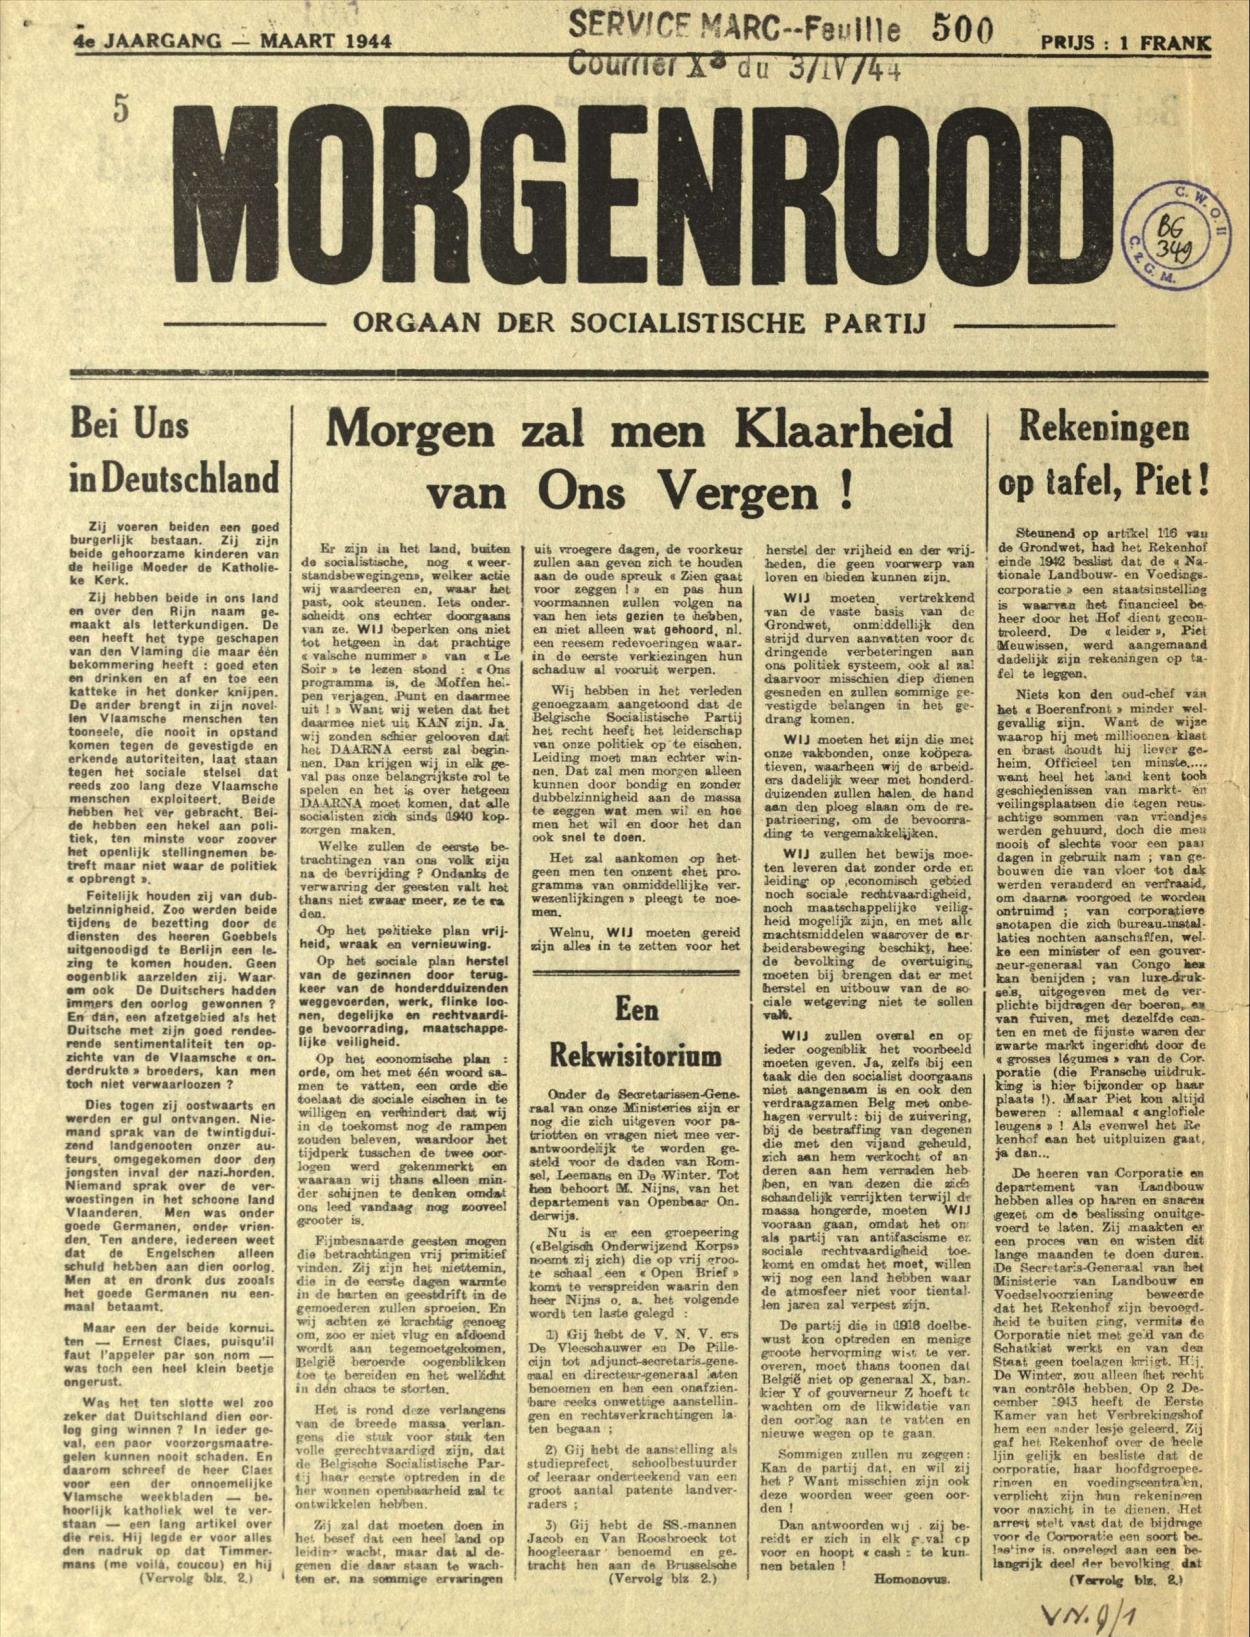 soma_bg349_1944-03_01_003-00001-morgenrood-maart-1944.jpg